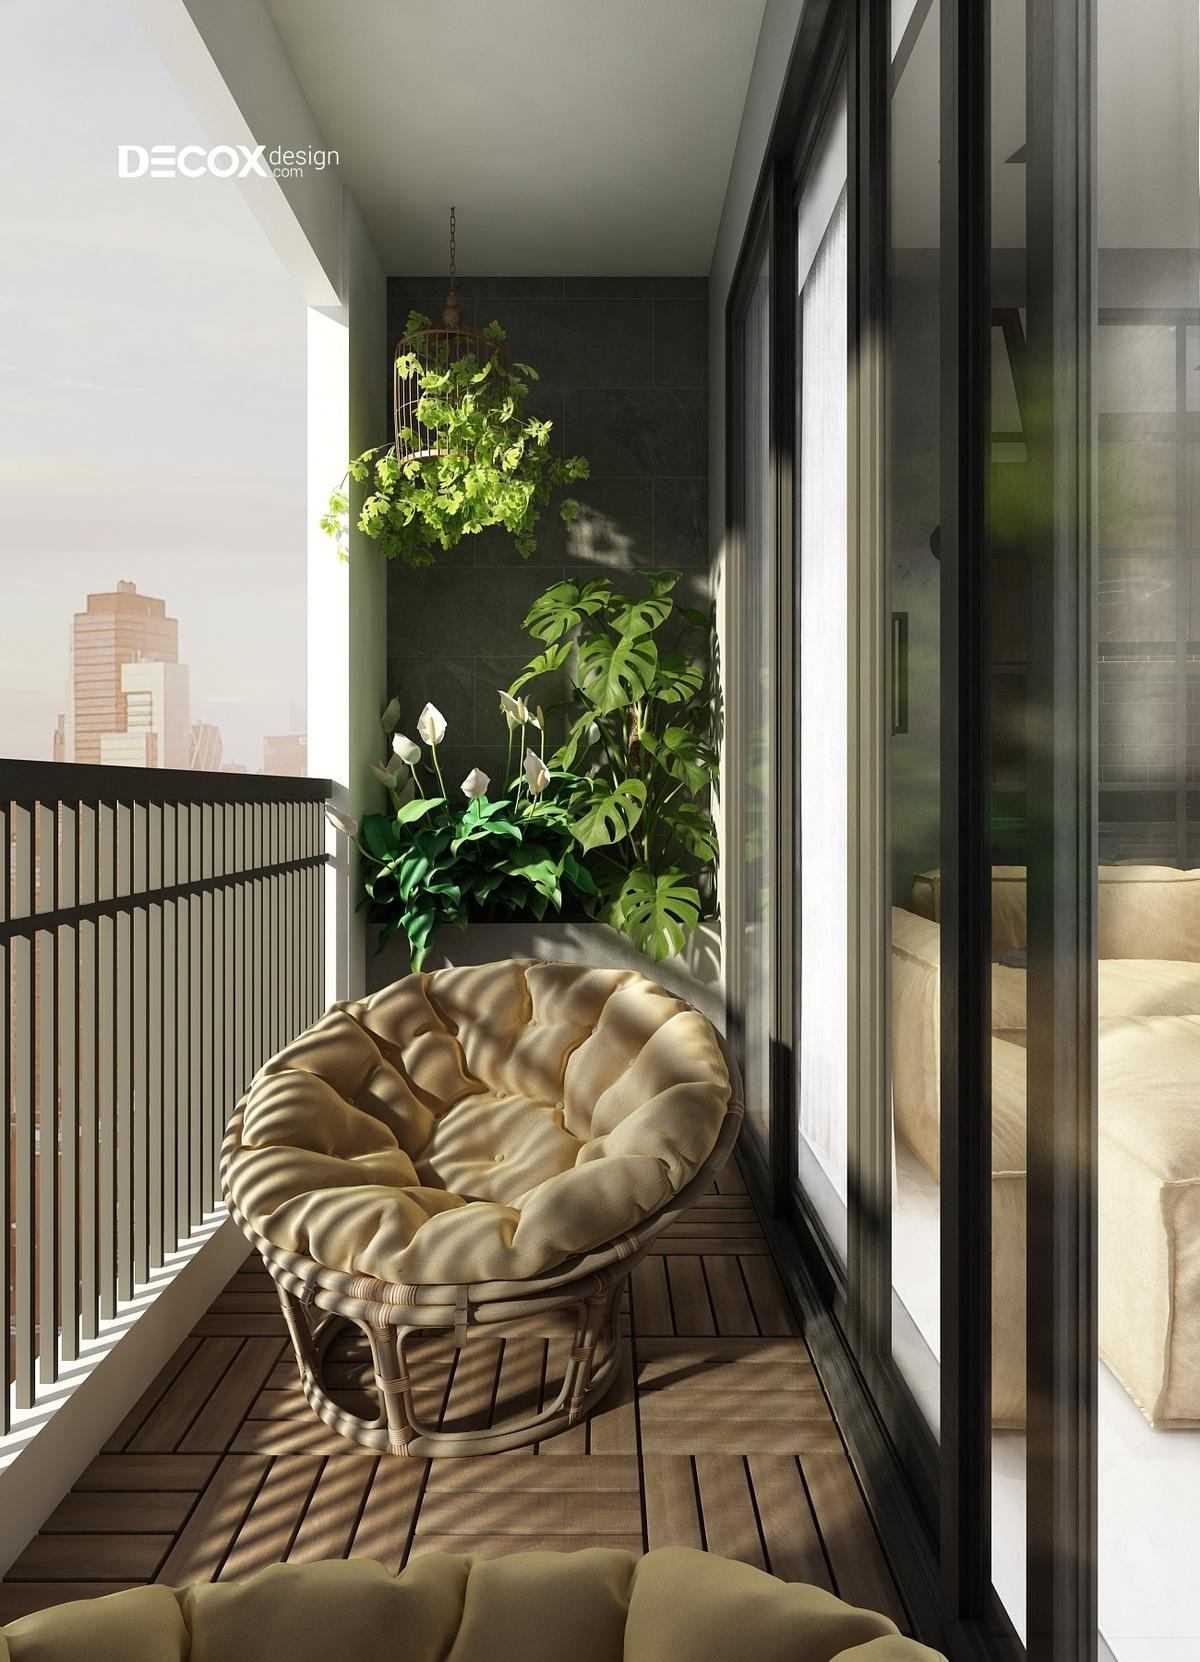 Bật mí cách chọn gạch lát ban công chung cư mà bạn chưa biết